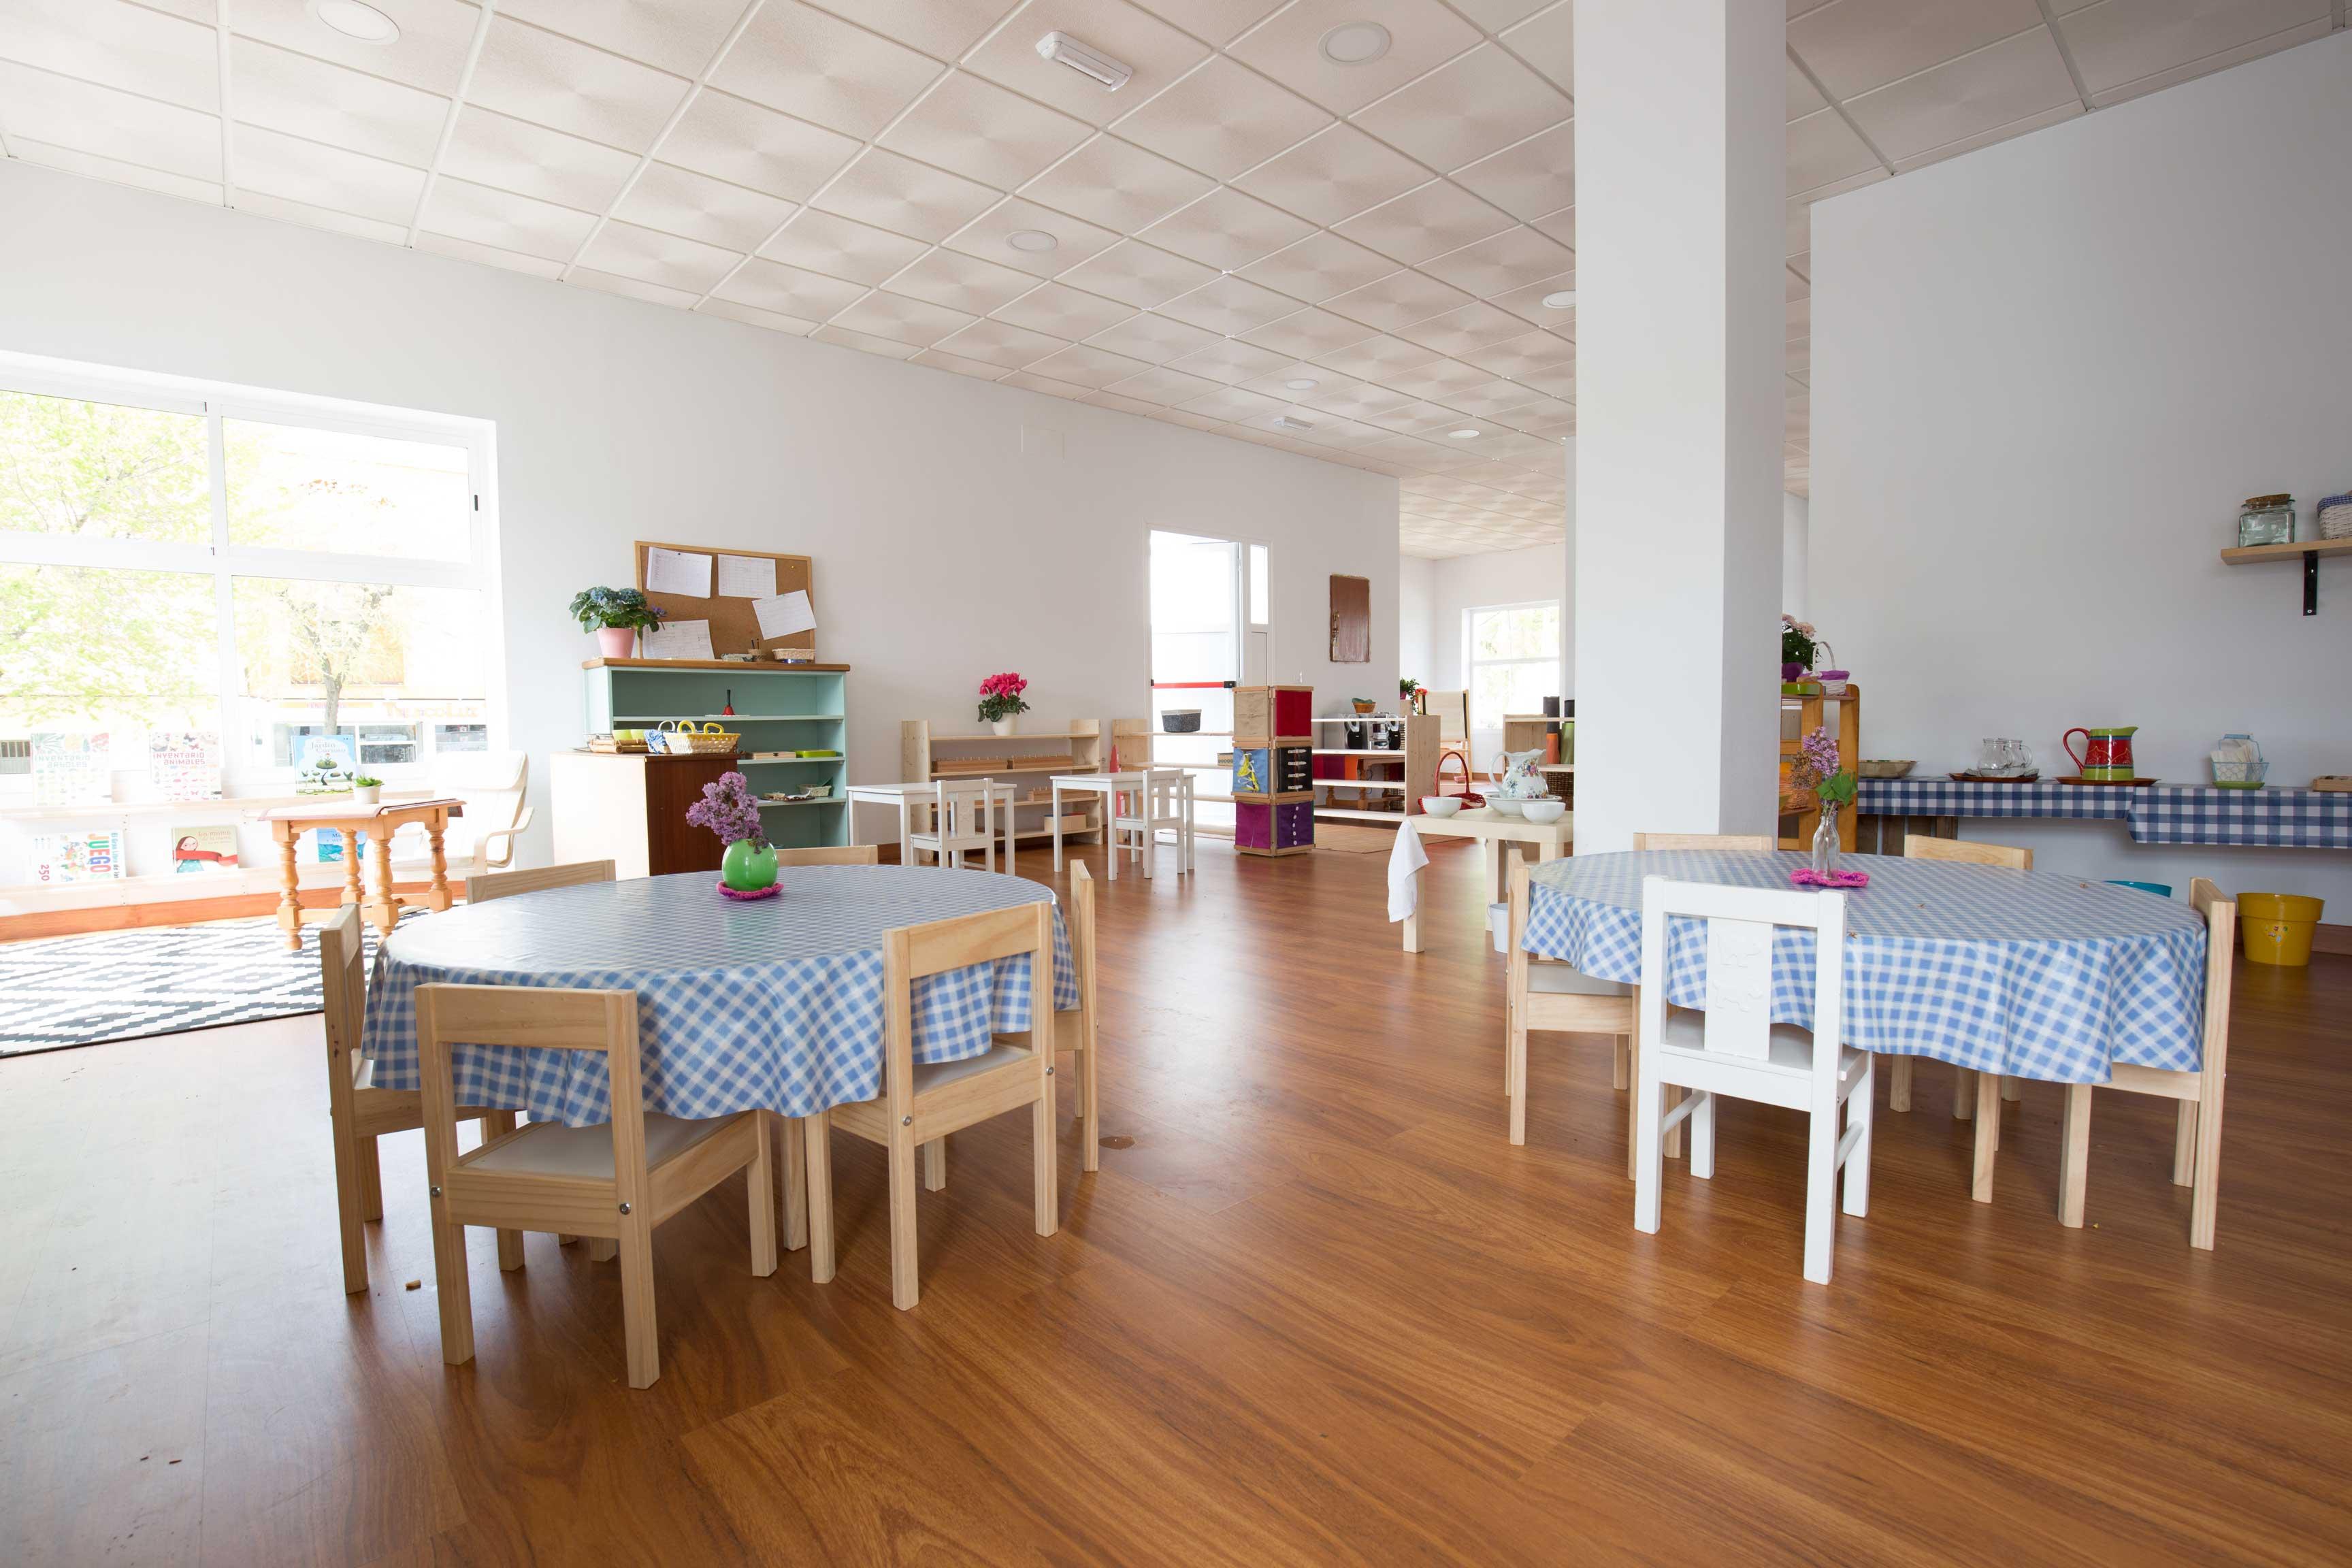 Comedor casa de los ni os rooter school for Proyecto de comedor infantil